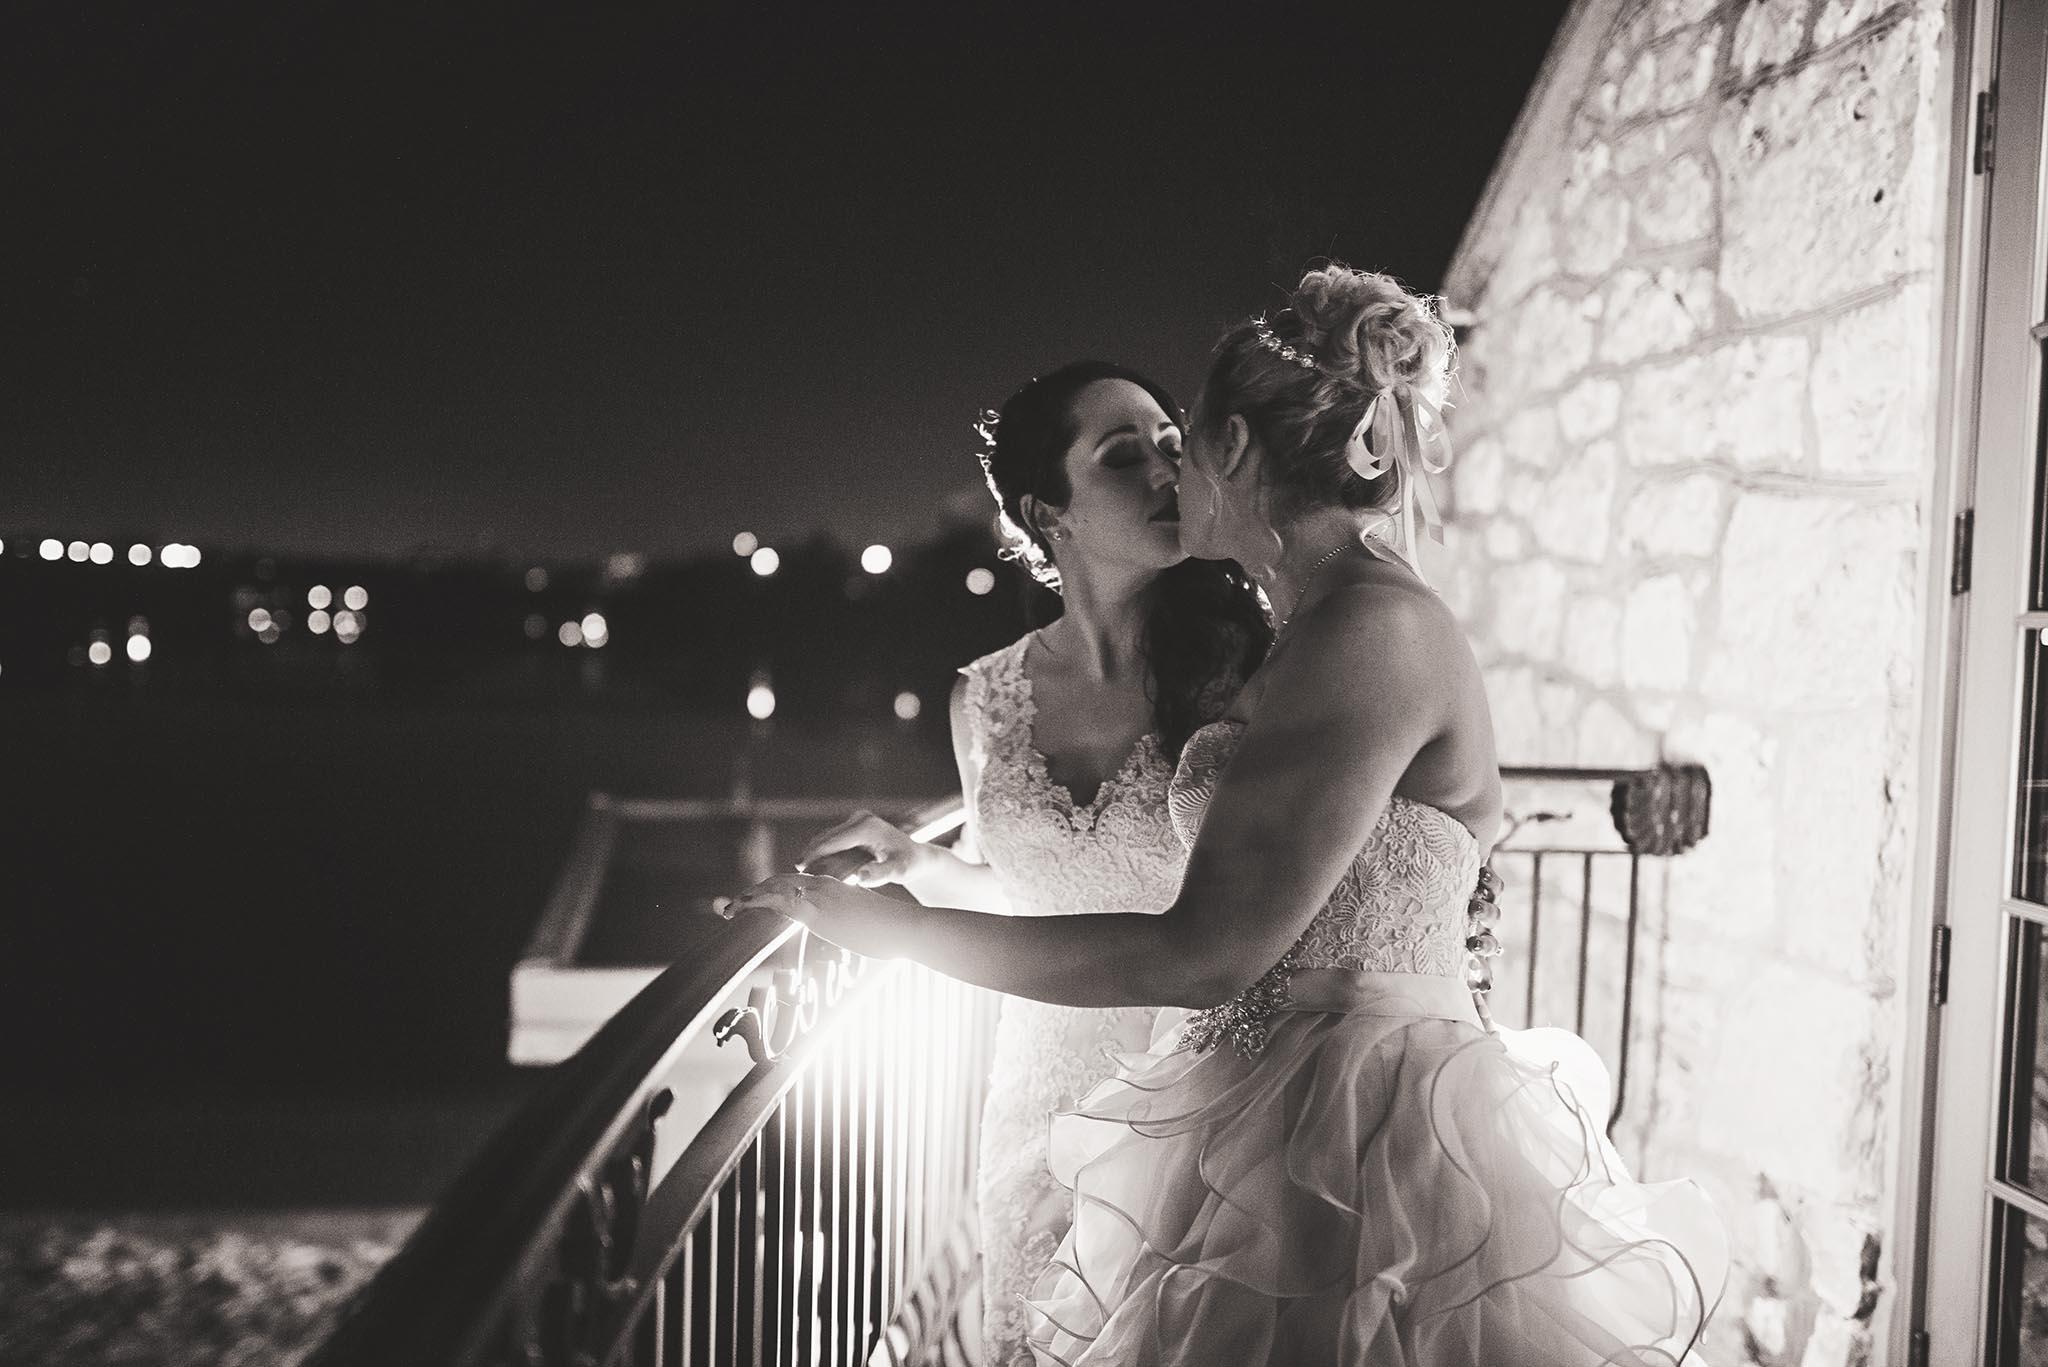 Peter-Bendevis-Photography-Kris-Laura-Cambridge-Mill-Winter-Wedding28